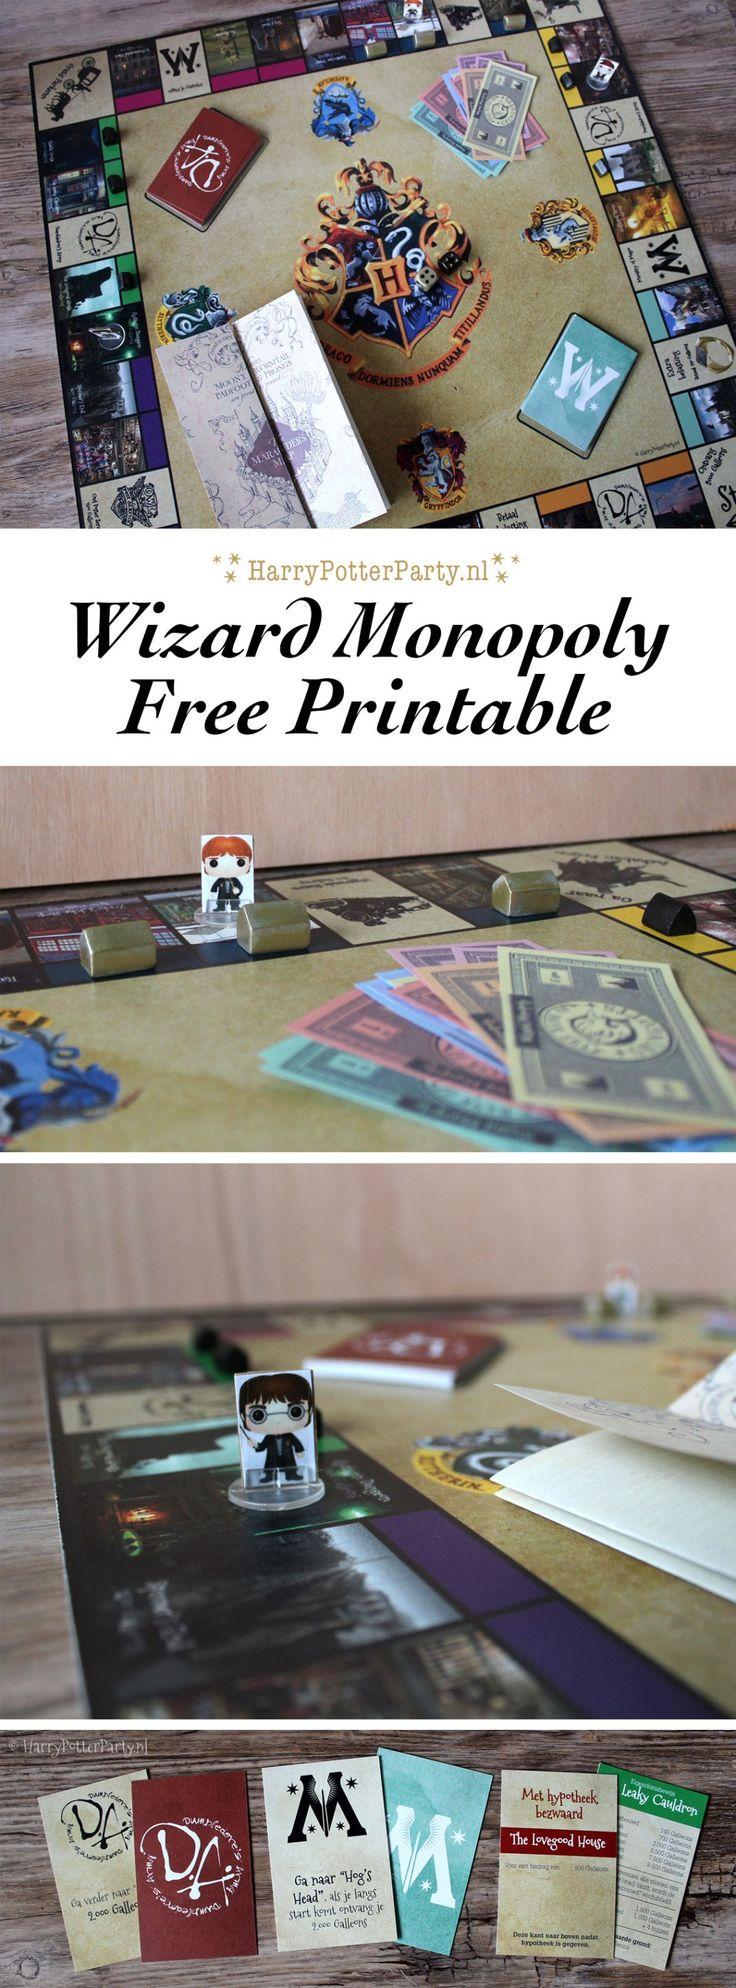 Jullie hebben het al een tijdje kunnen volgen op Instagram, maar eindelijk is de HarryPotterParty Wizard Monopoly klaar! In dit bericht lees je precies hoe je je eigen Harry Potter Monopoly spel ku…